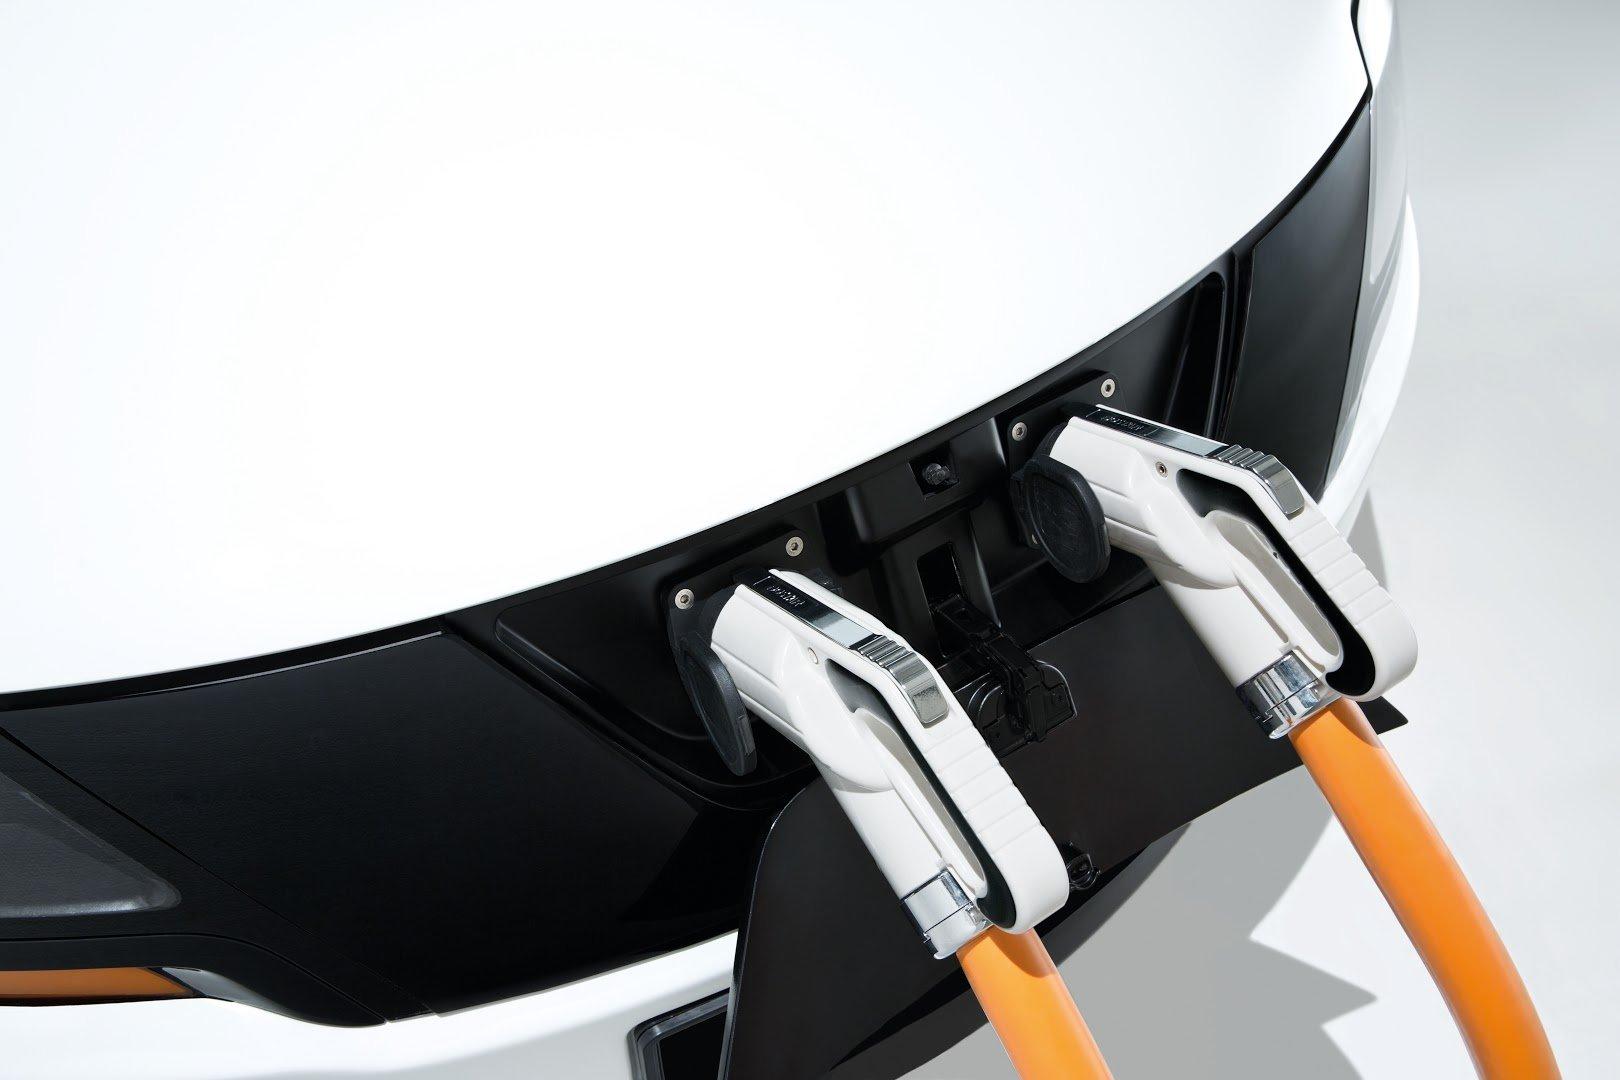 Das Elektrotaxi Eva der TU München verfügt über ein Schnellladesystem. In nur 15 Minuten kann der Lithium-Polymer-Akku auf 80 Prozent aufgeladen werden.